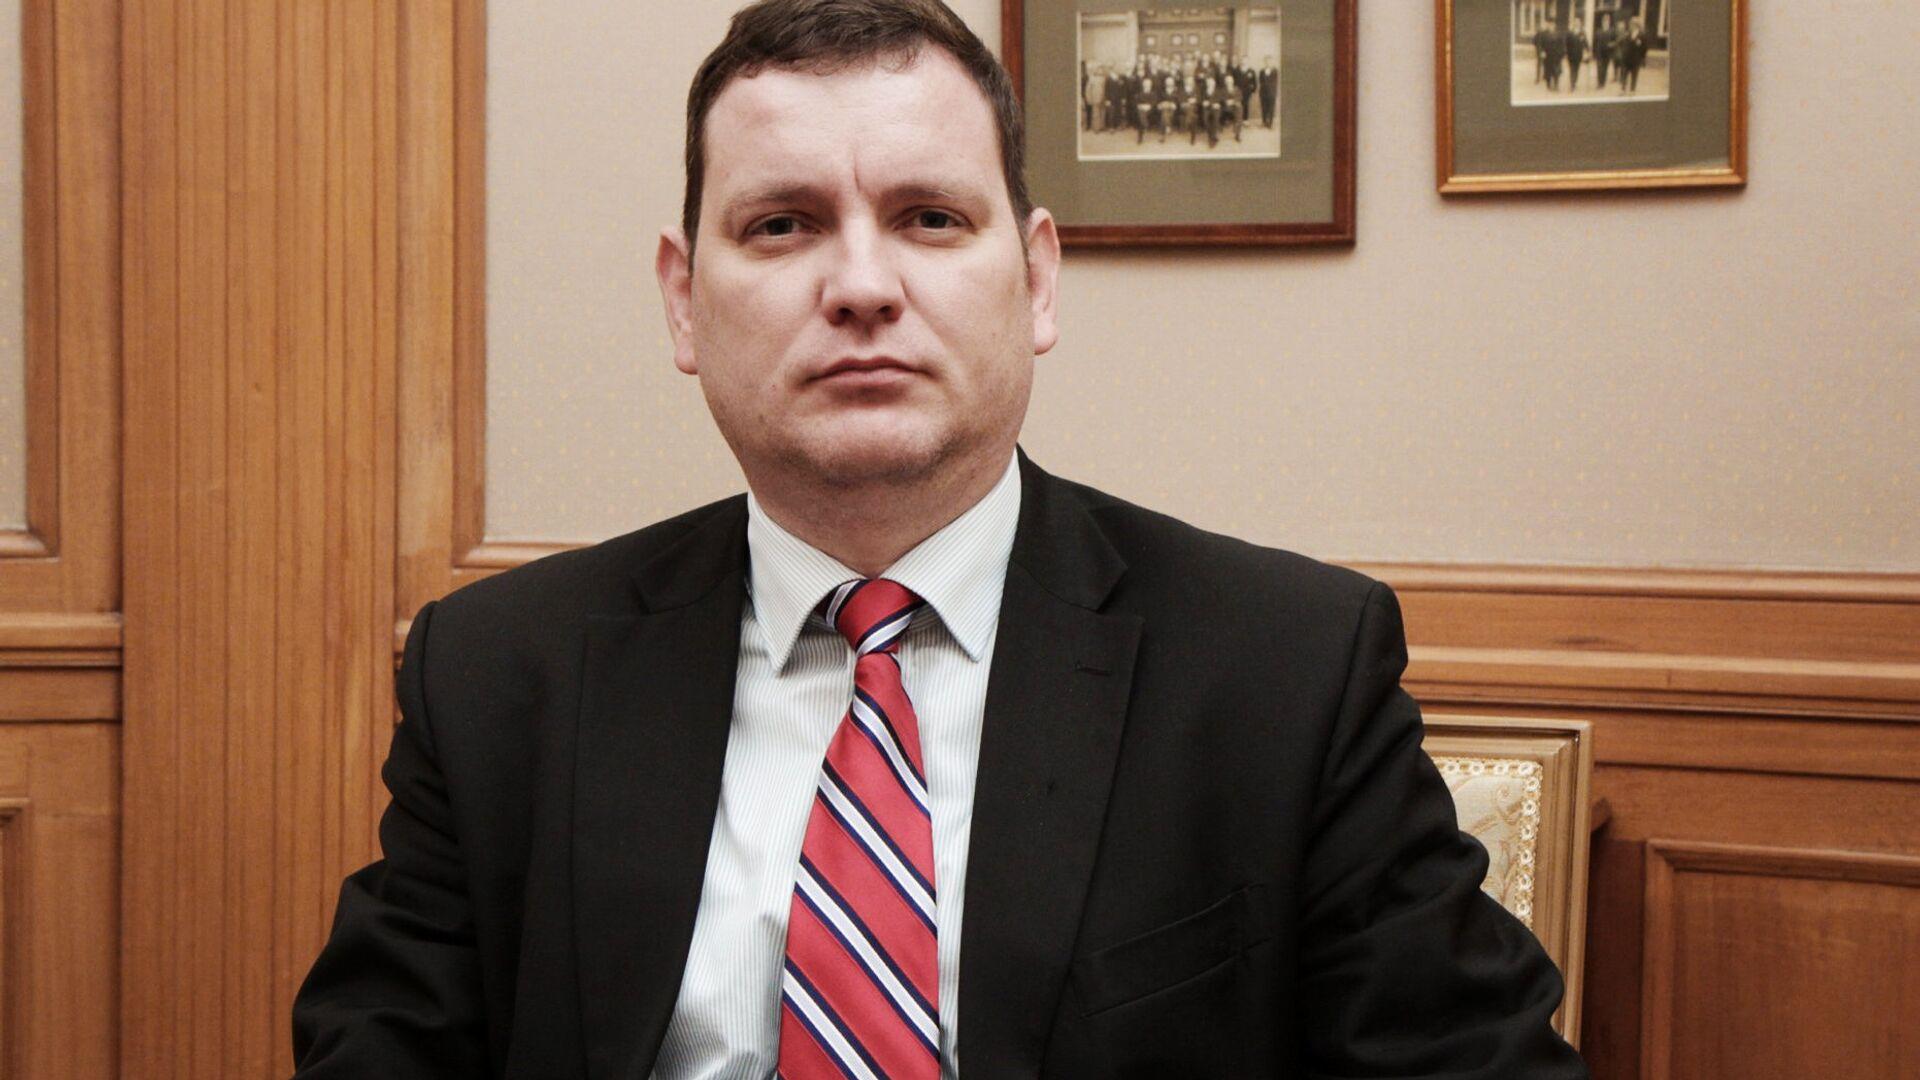 Посол Латвии на Украине Юрис Пойканс - Sputnik Латвия, 1920, 10.09.2021